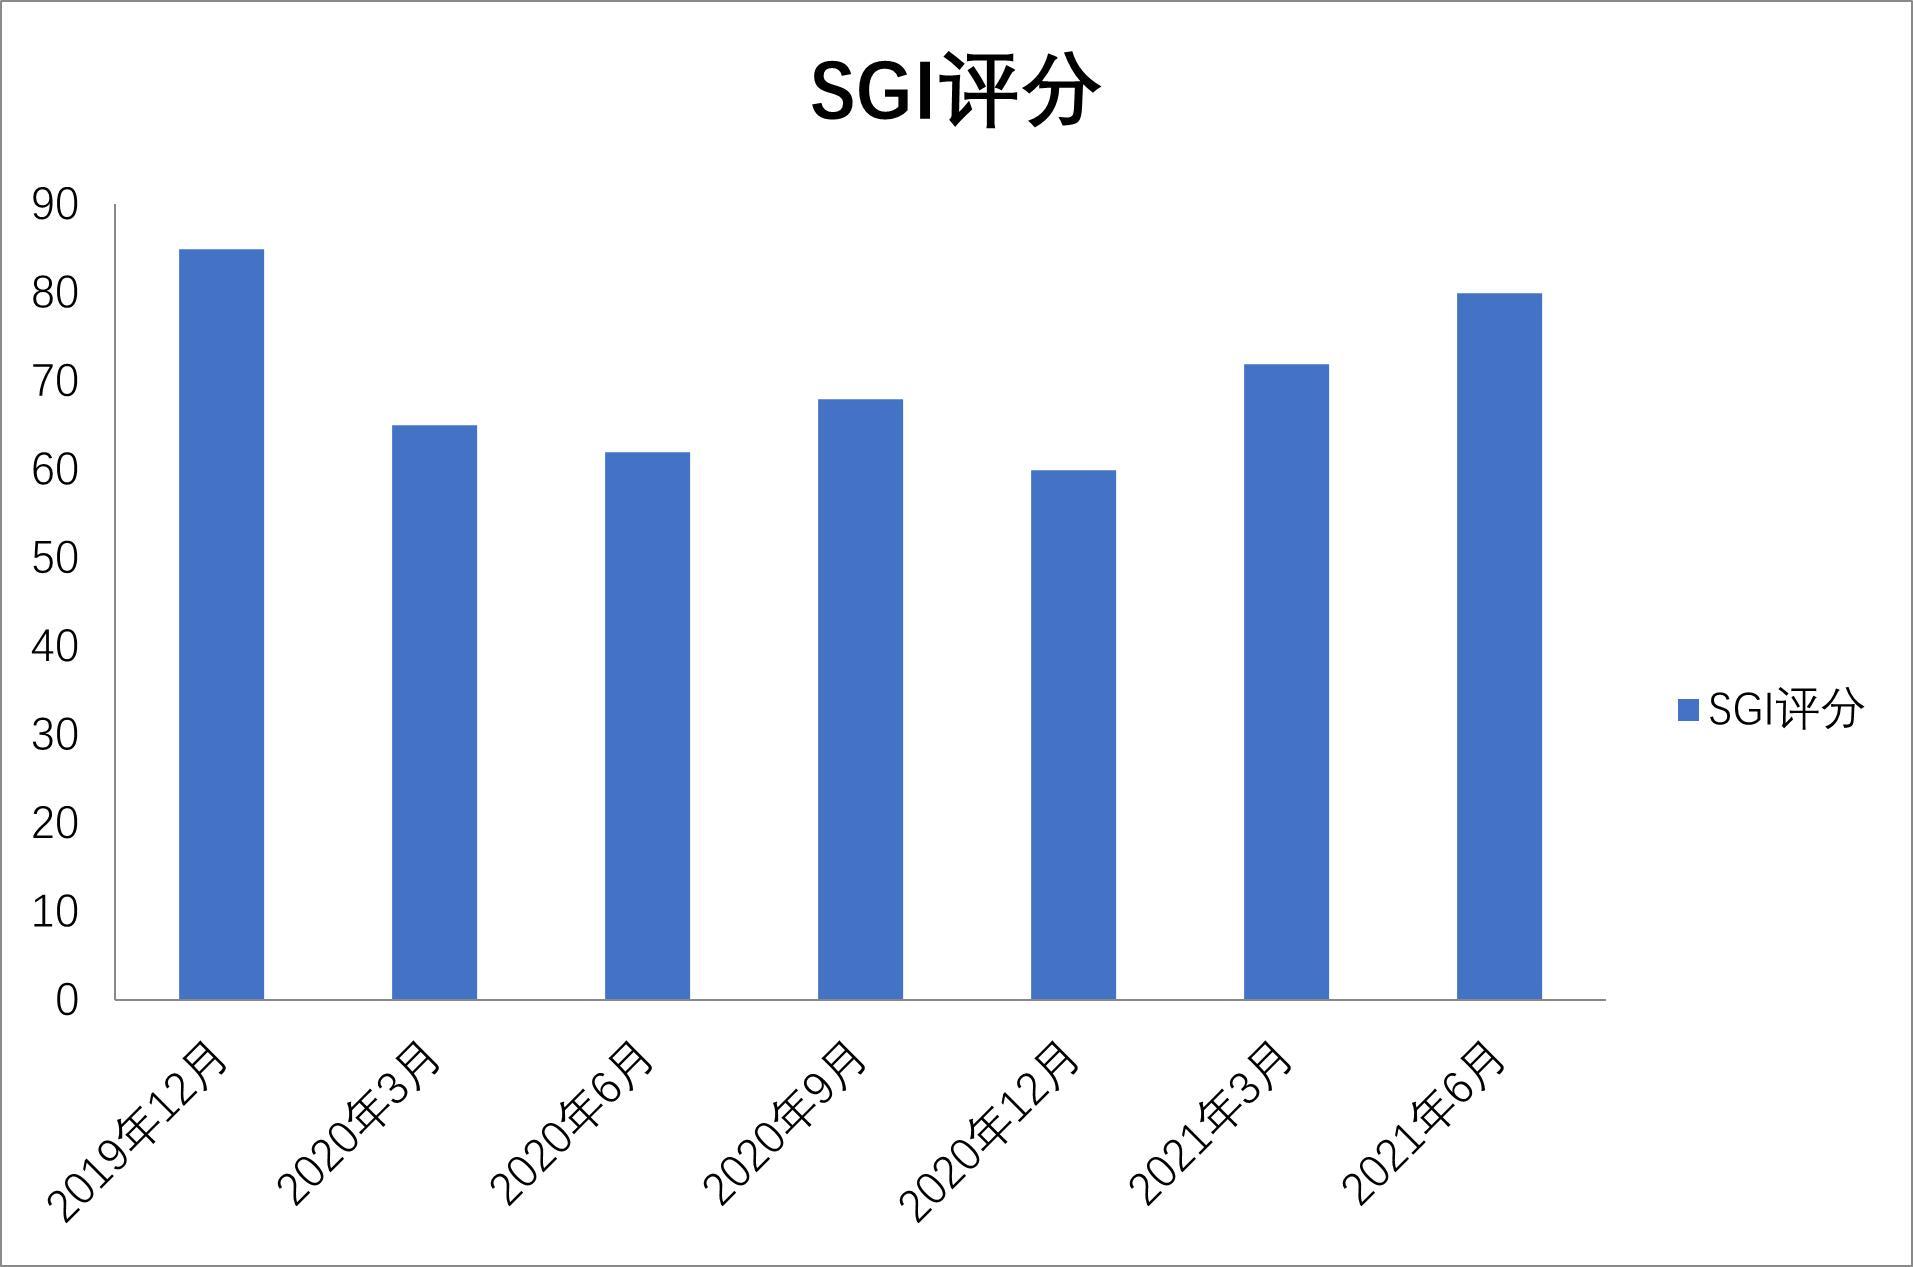 嘉元科技一年股价大涨超190%!前五大客户占营收比例高达83%存隐忧